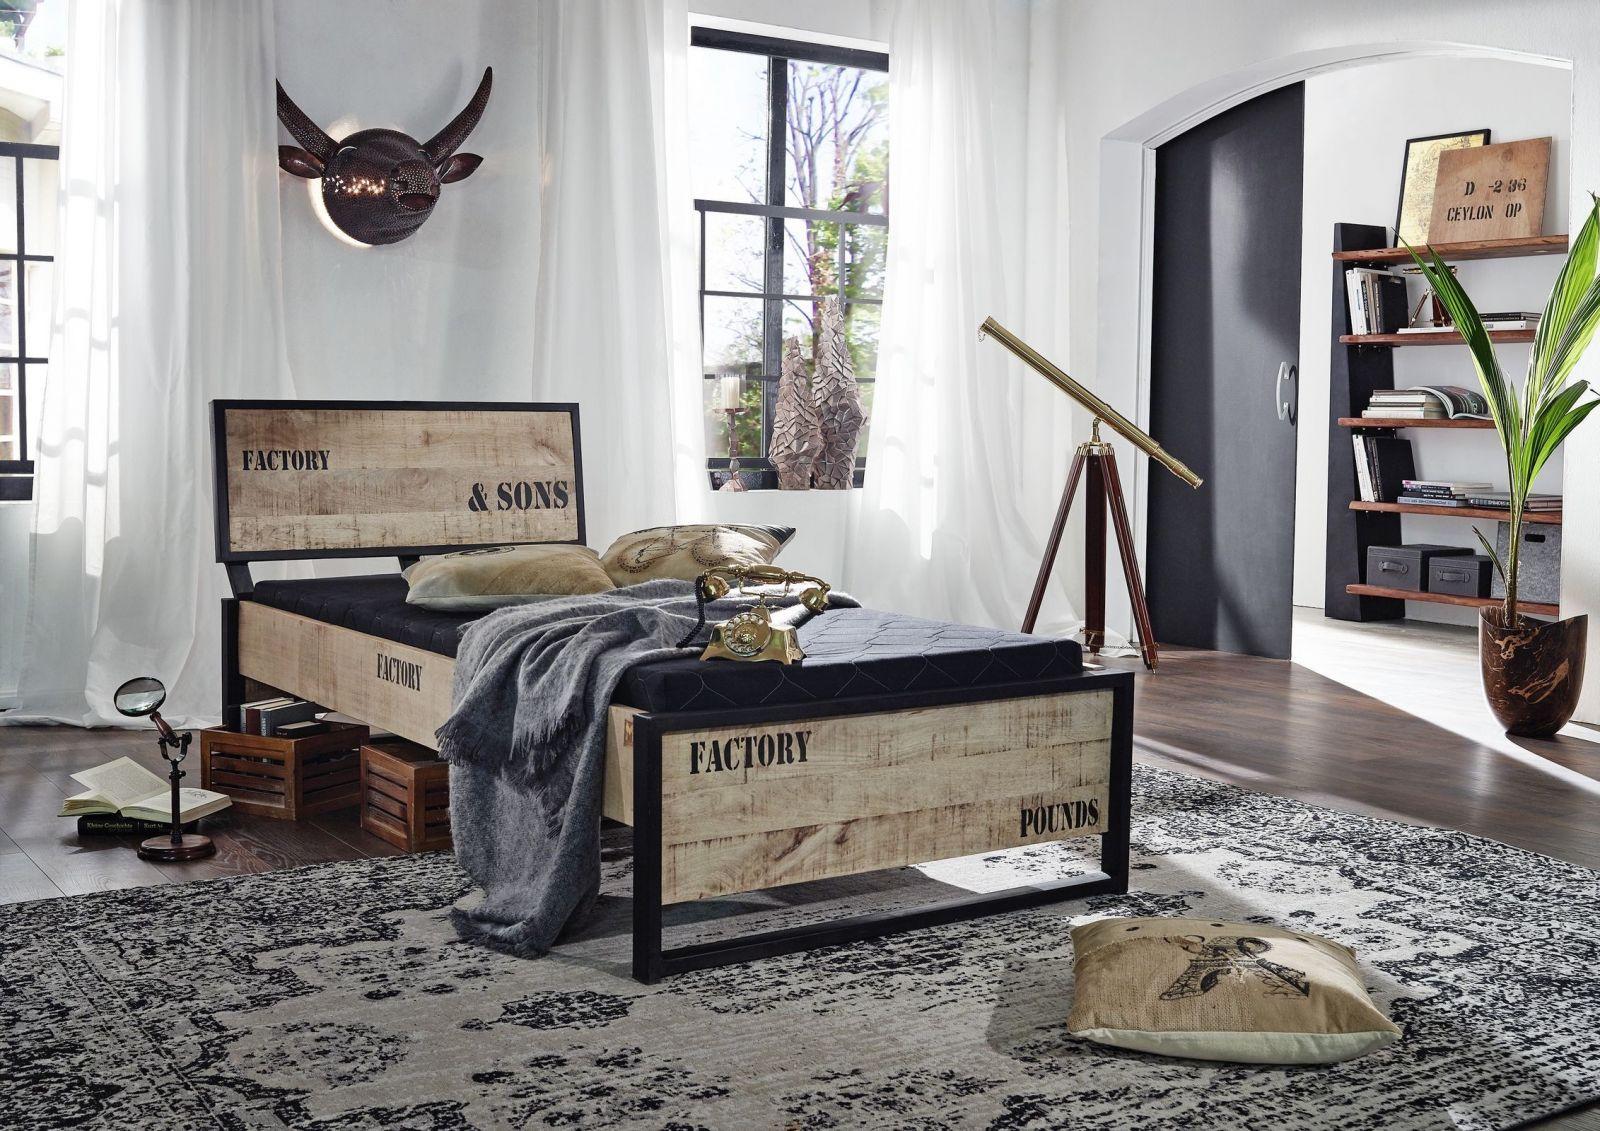 Full Size of Bett Betten Günstig Kaufen Innocent Schöne Amerikanische Bei Ikea Mit Matratze Und Lattenrost 140x200 Kinder überlänge Oschmann Stauraum Mädchen Ebay Bett Außergewöhnliche Betten